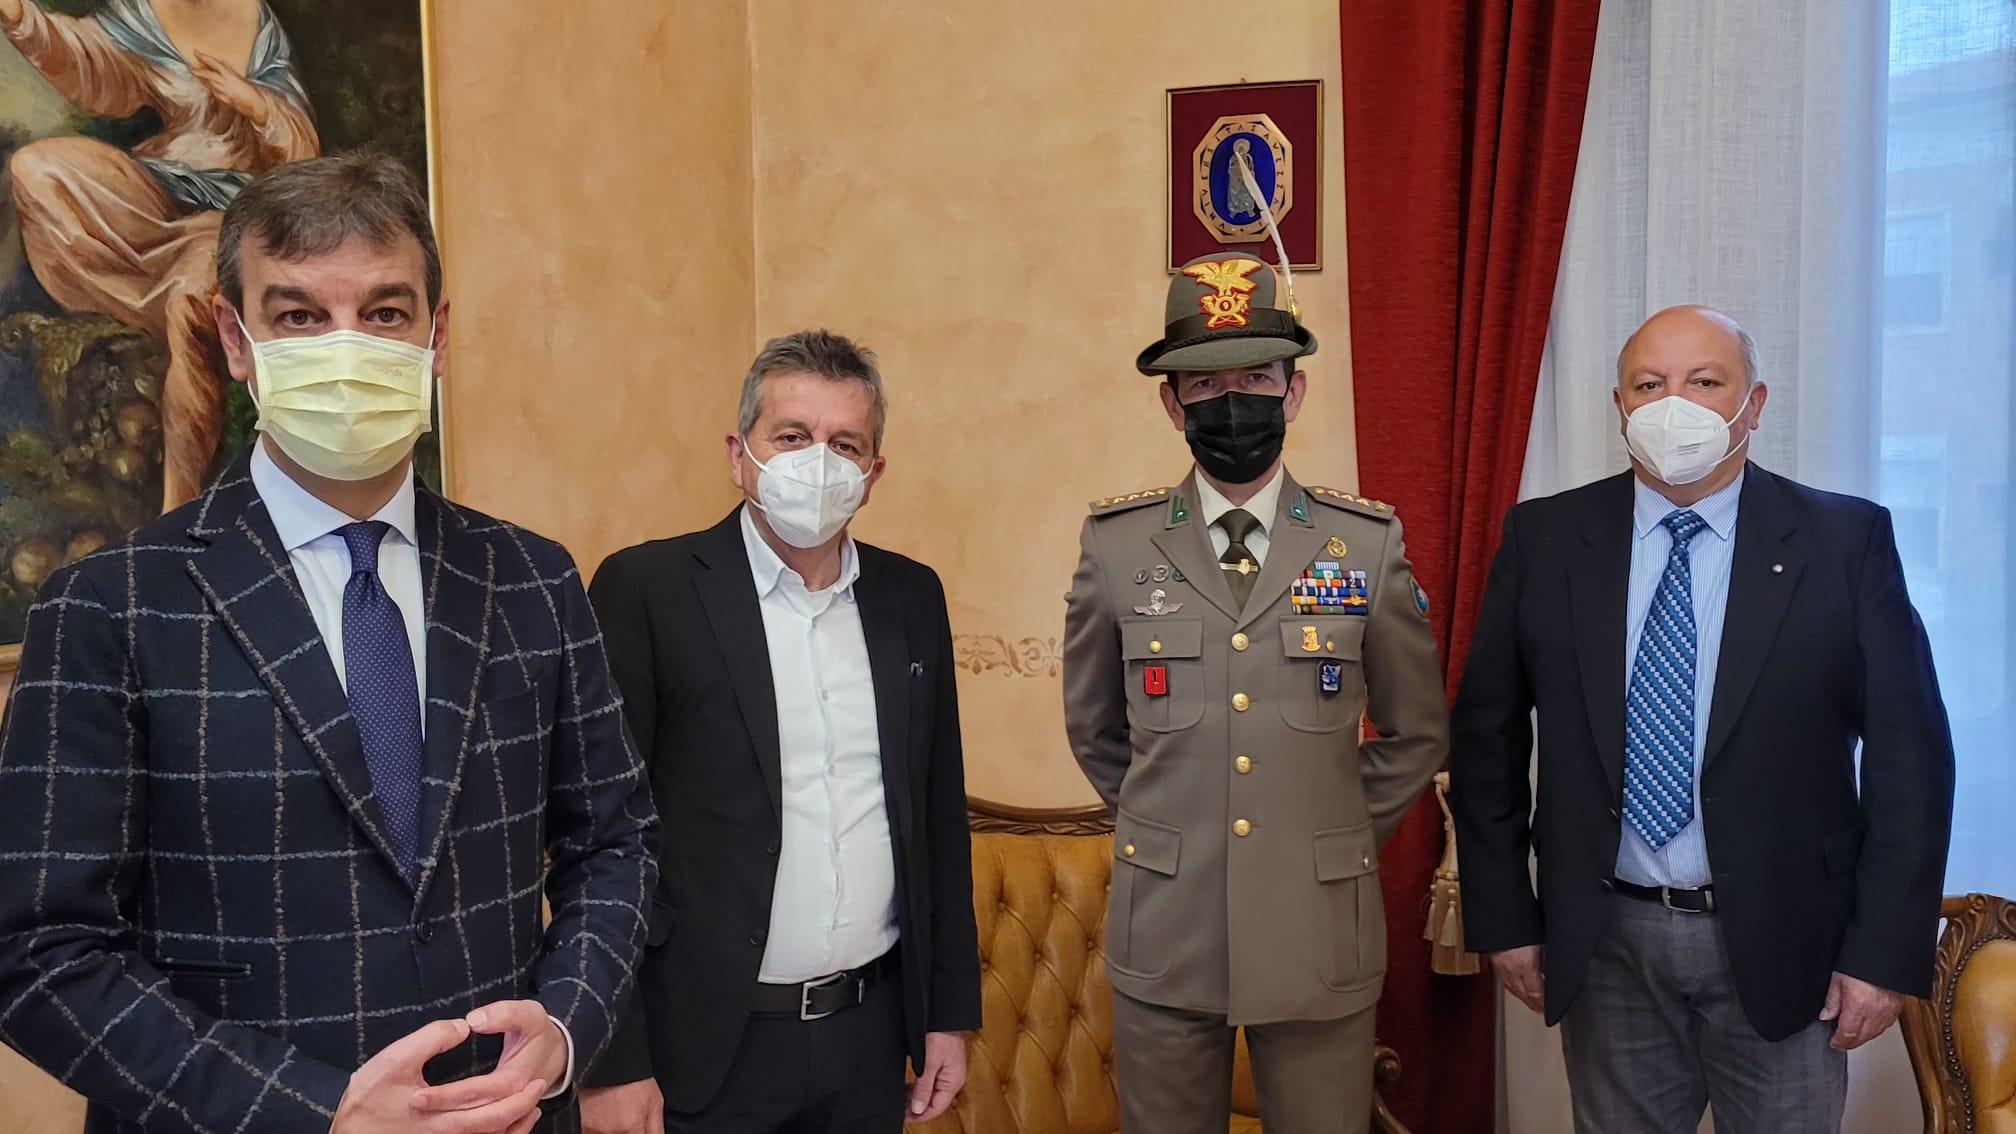 immagine sindaco di Avezzano,Giovanni di Pangrazio incontra Comandante del IX reggimento alpini